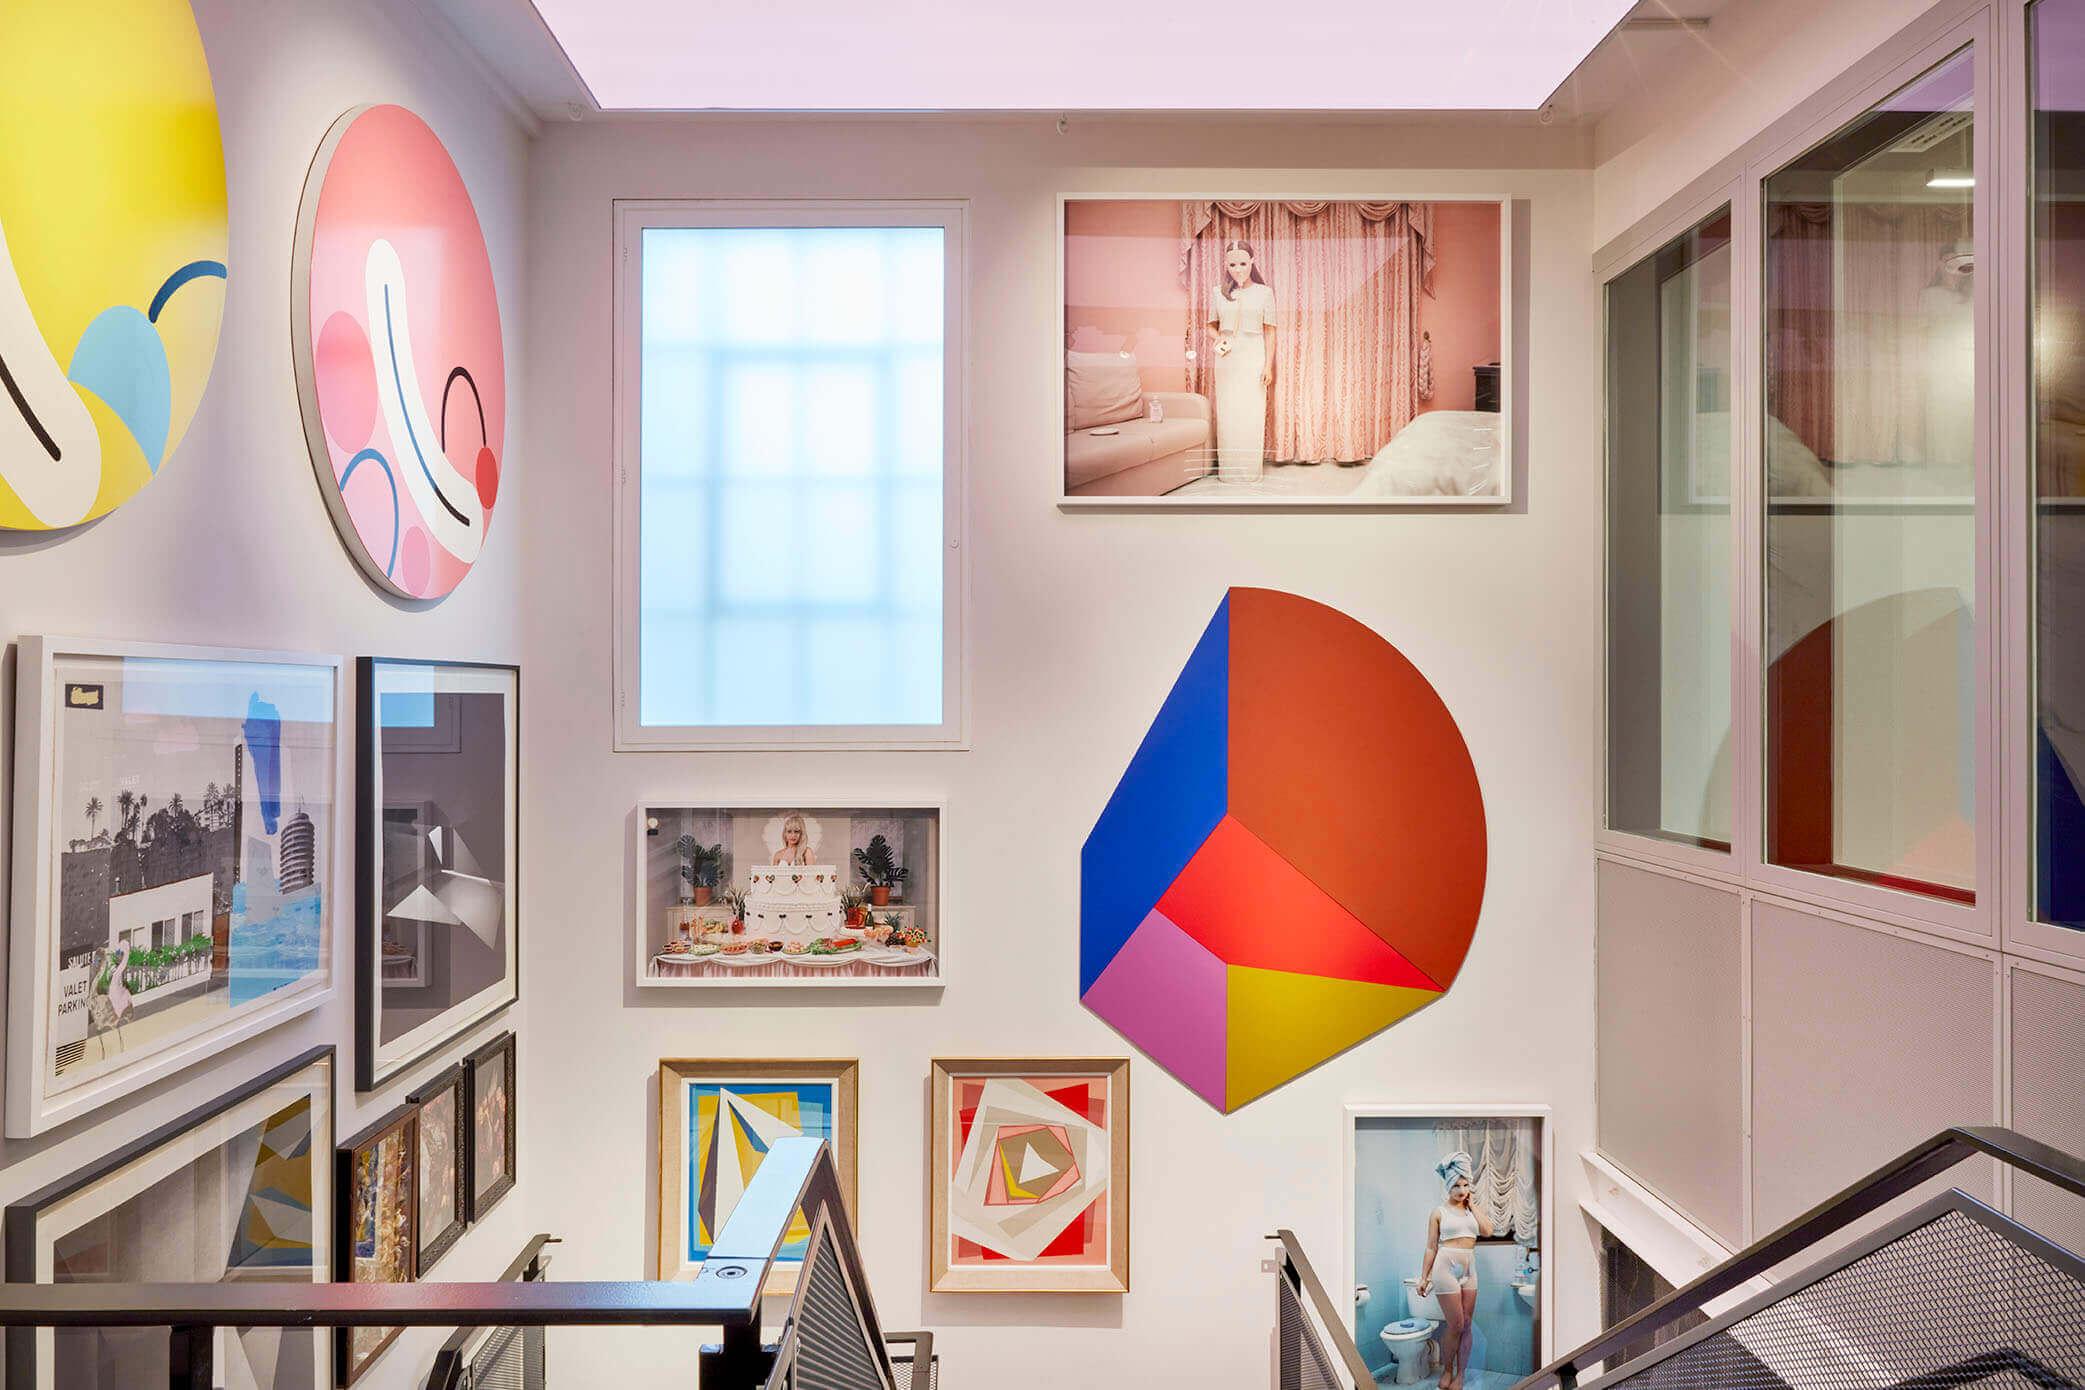 BrownsEast-18-The Gallery-EMBARGO OCTOBER 20TH